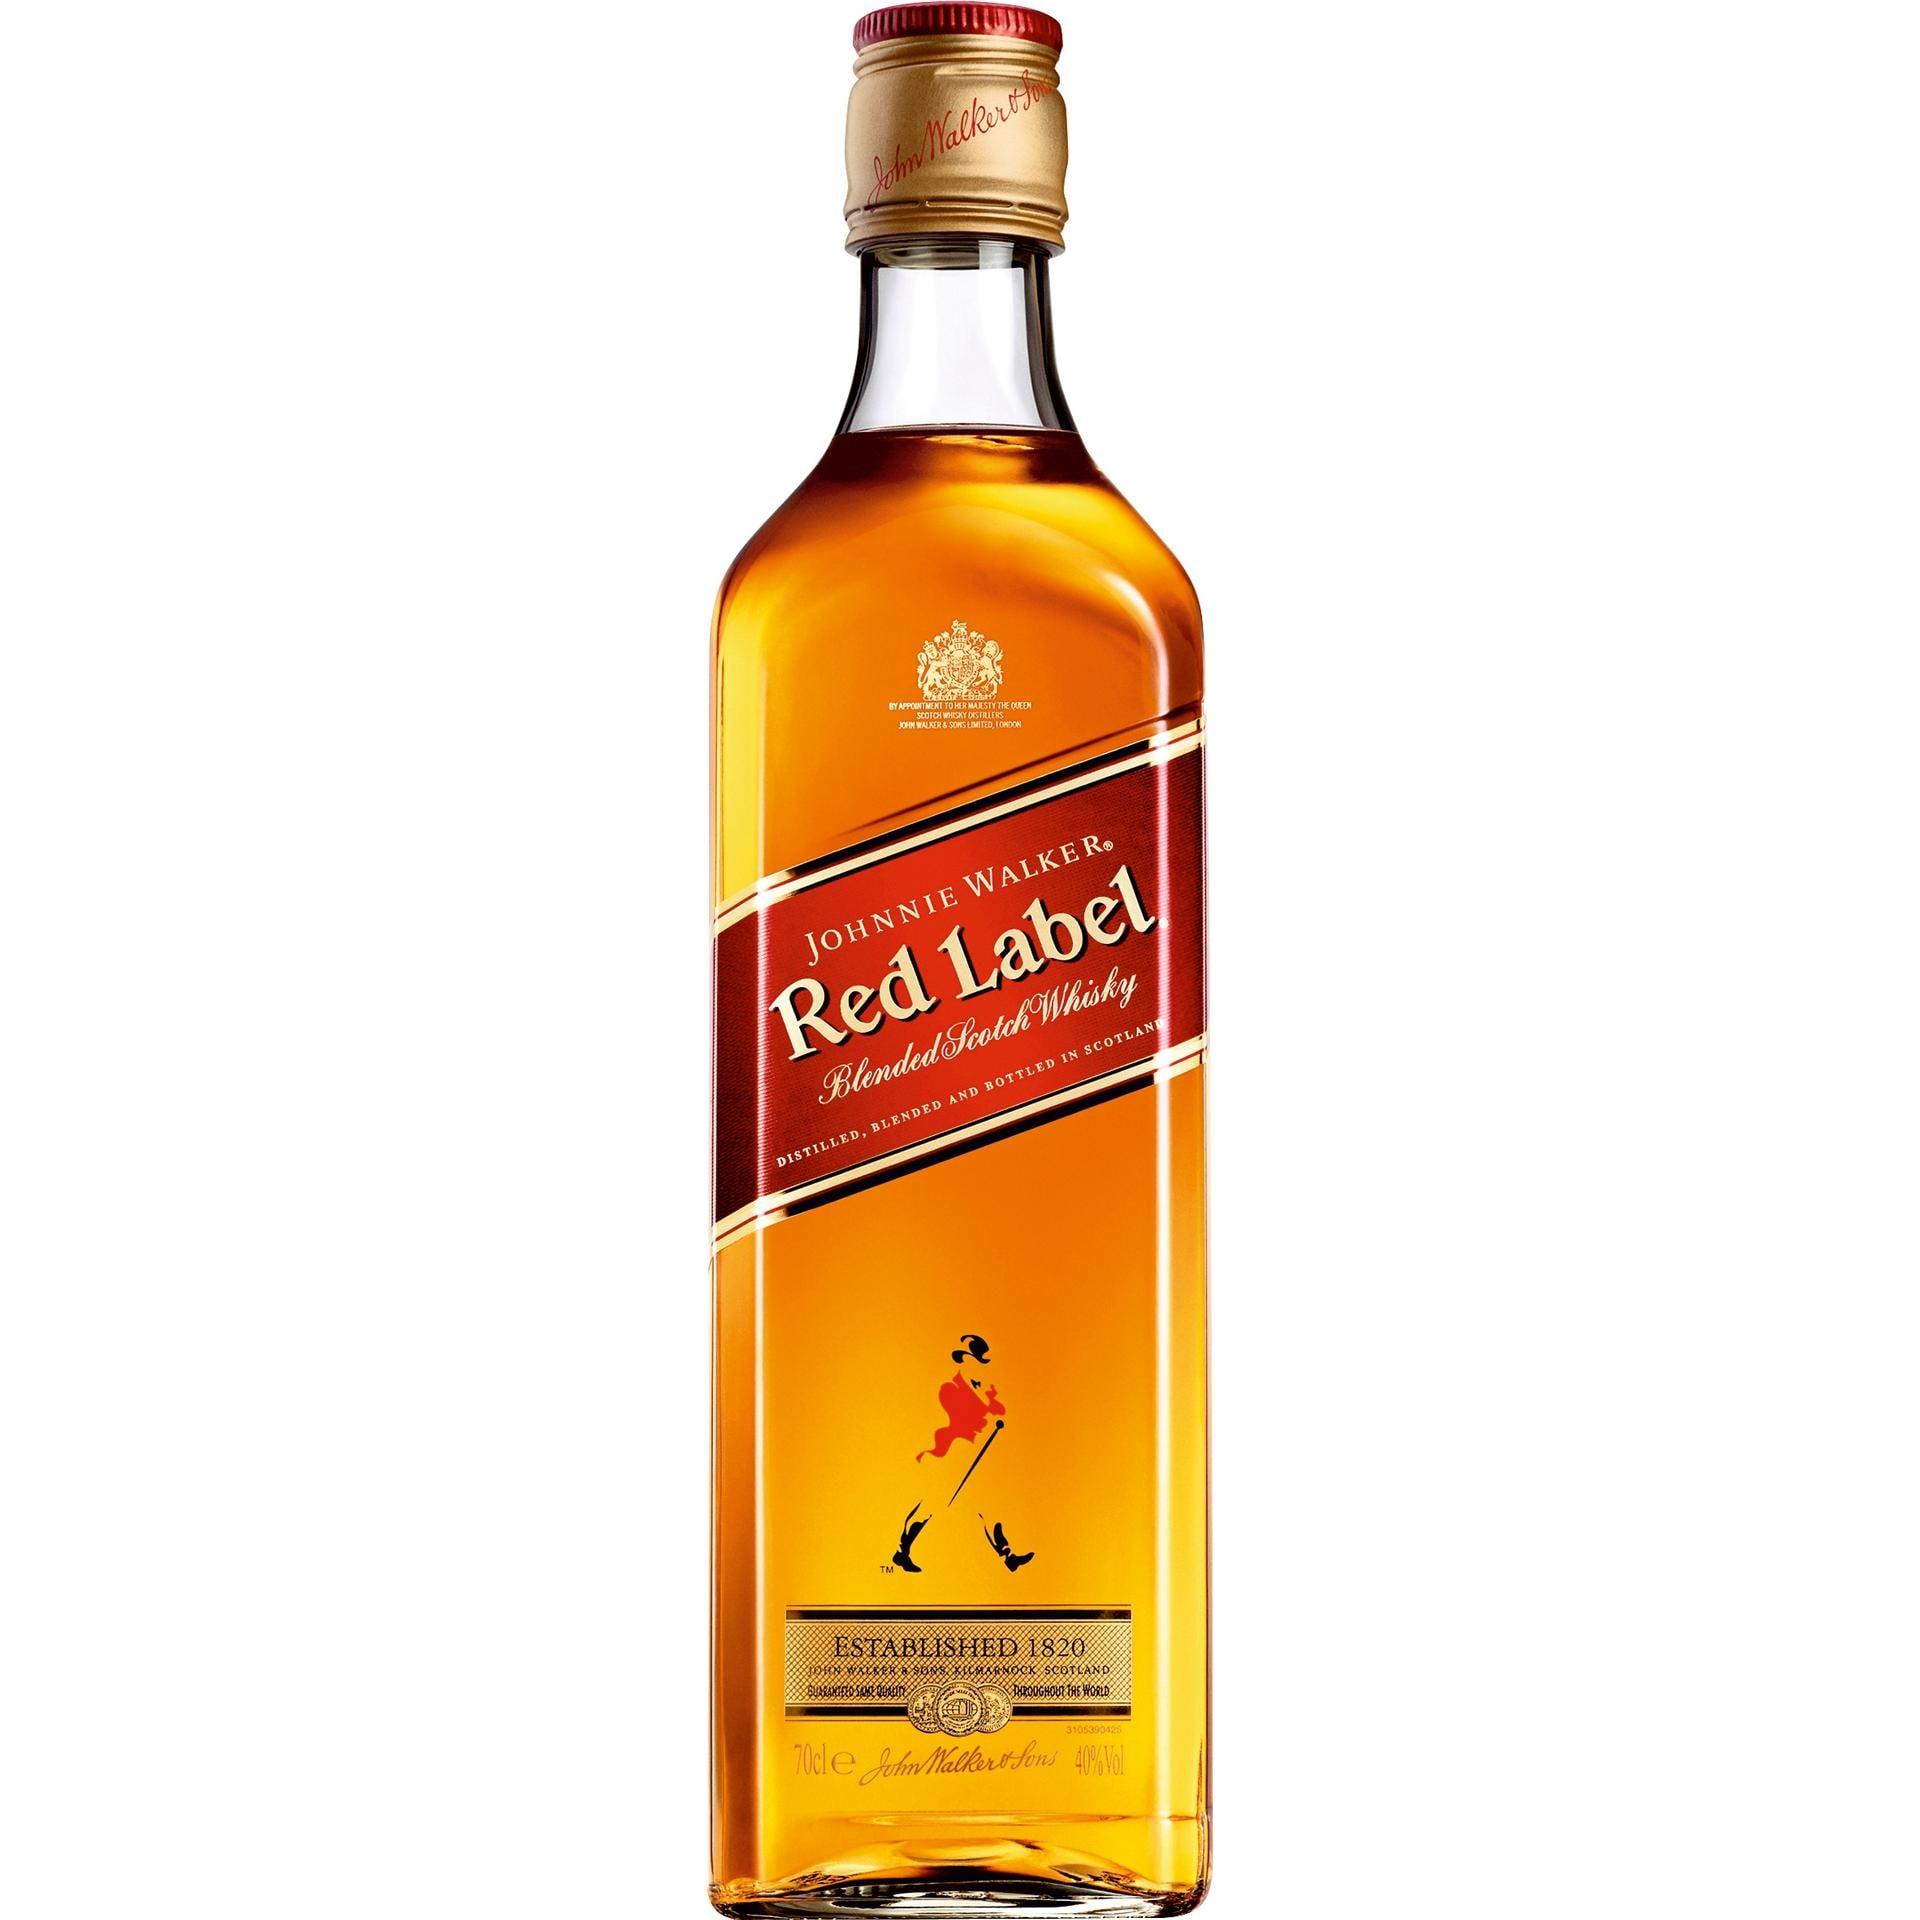 Johnnie Walker Red Label Blended Scotch Whisky 0,7l